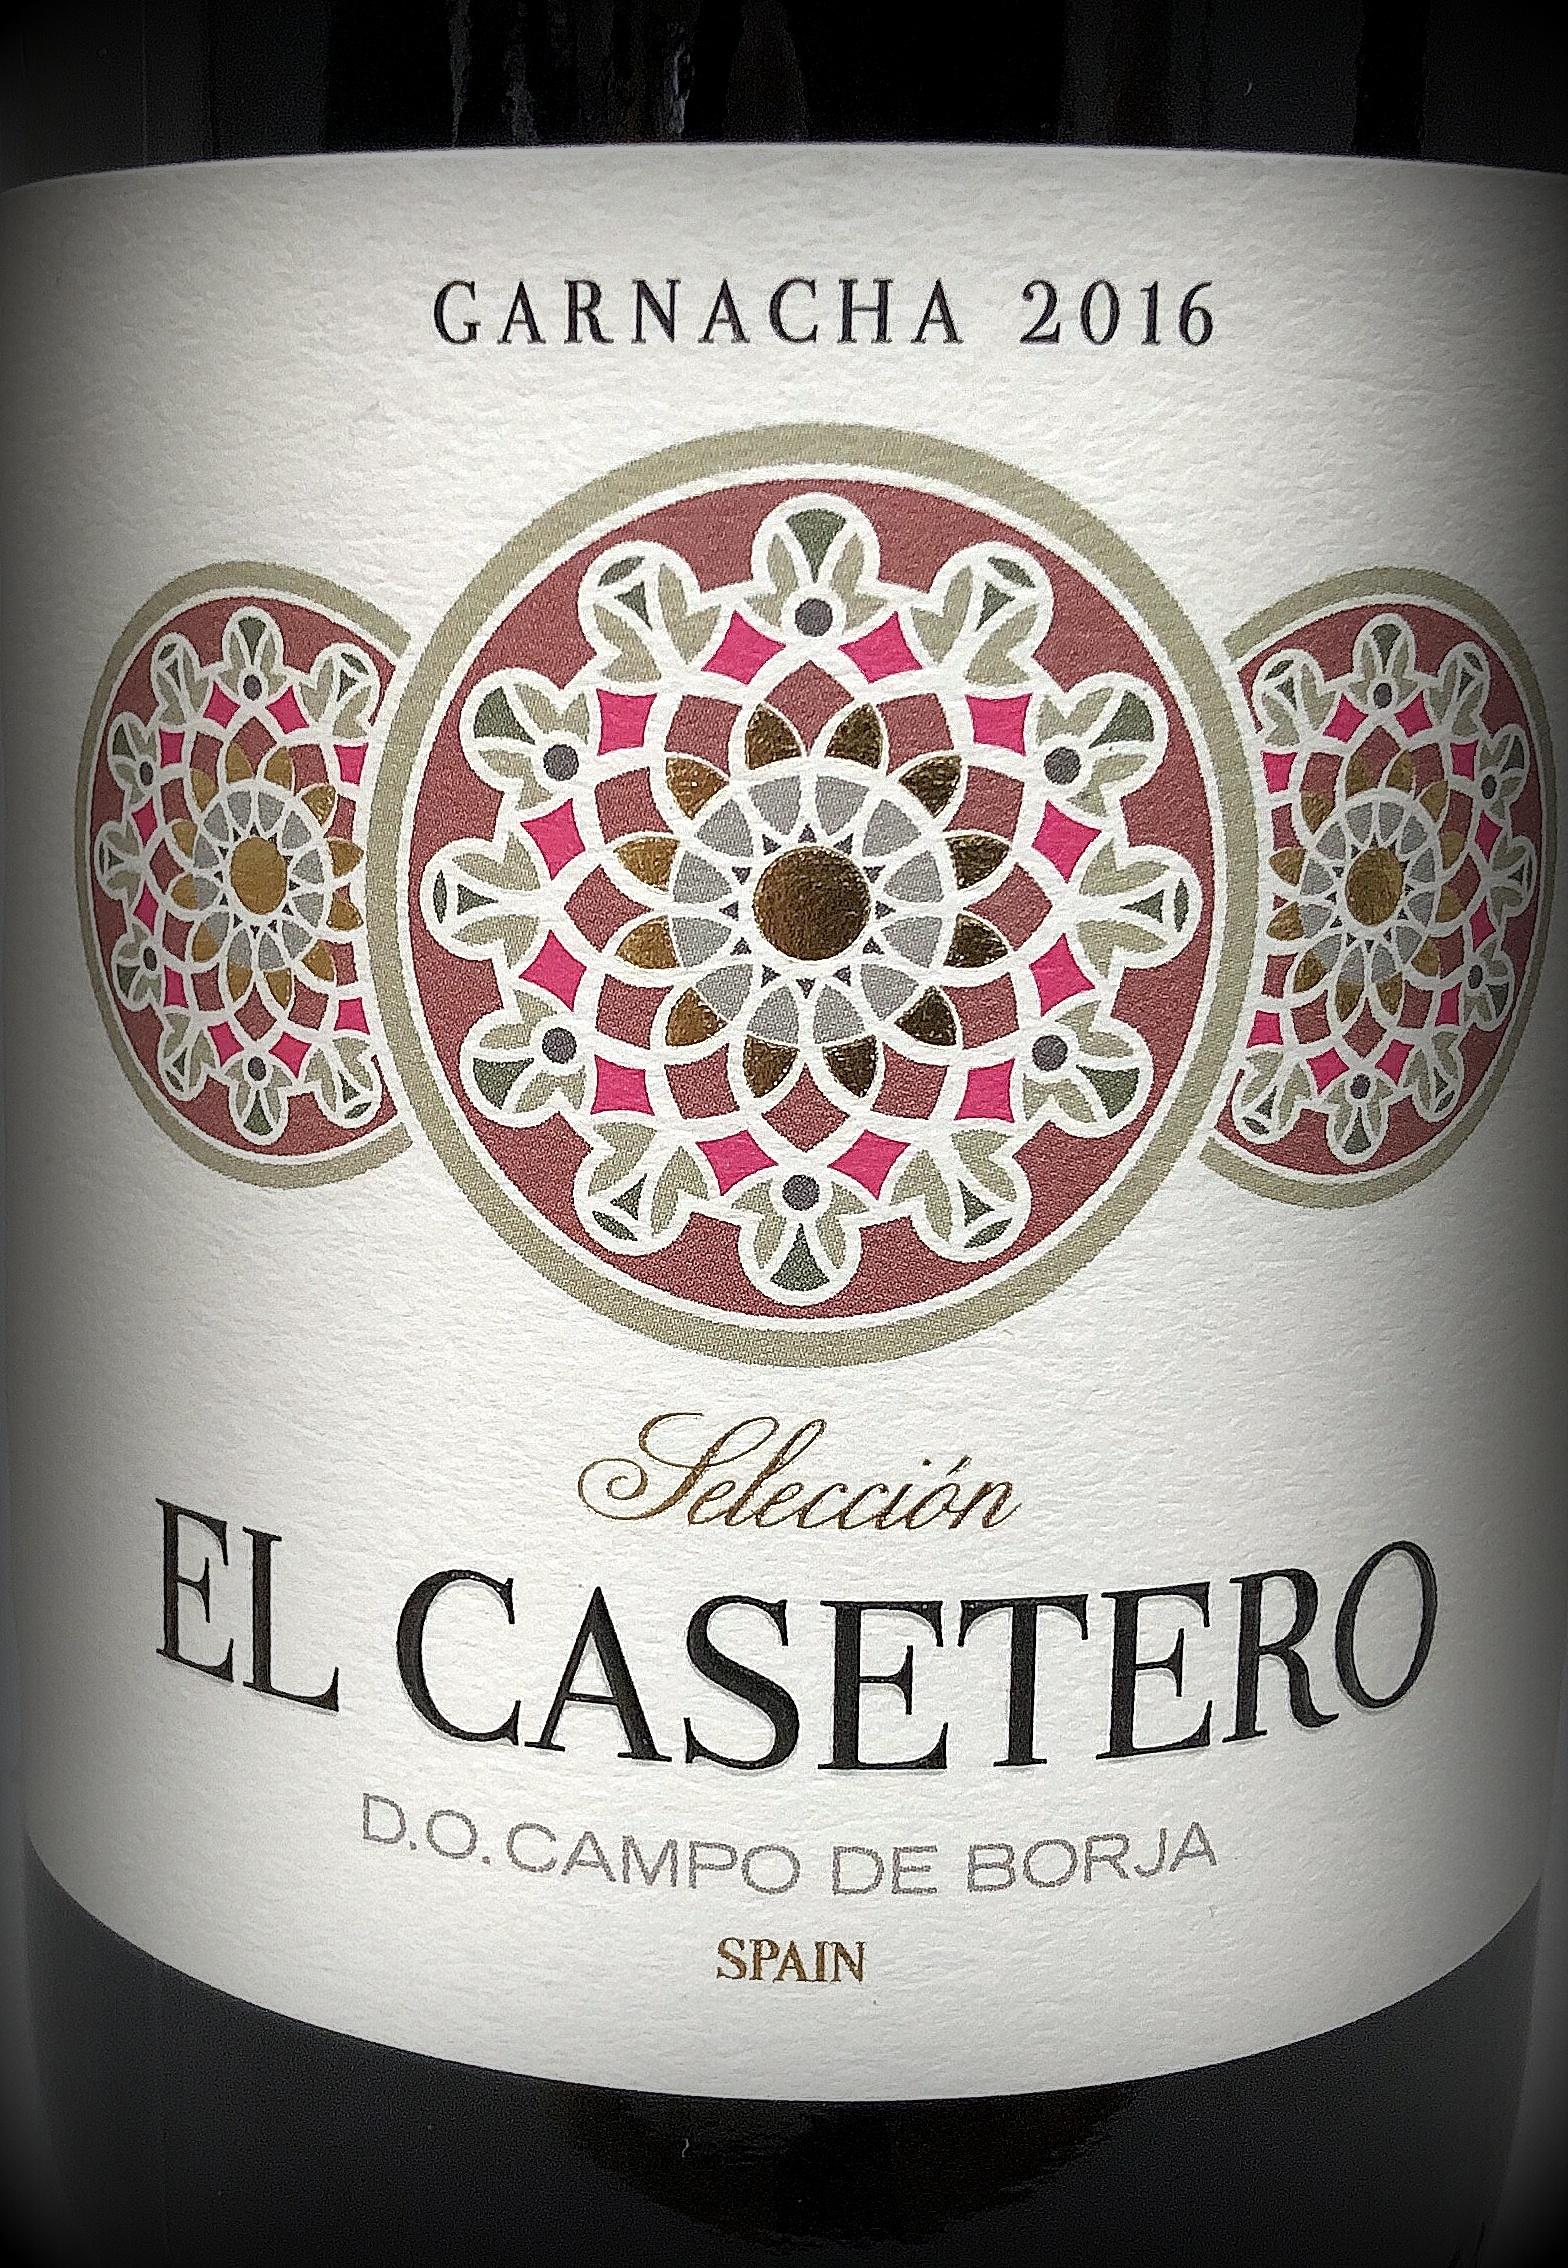 El Casetero